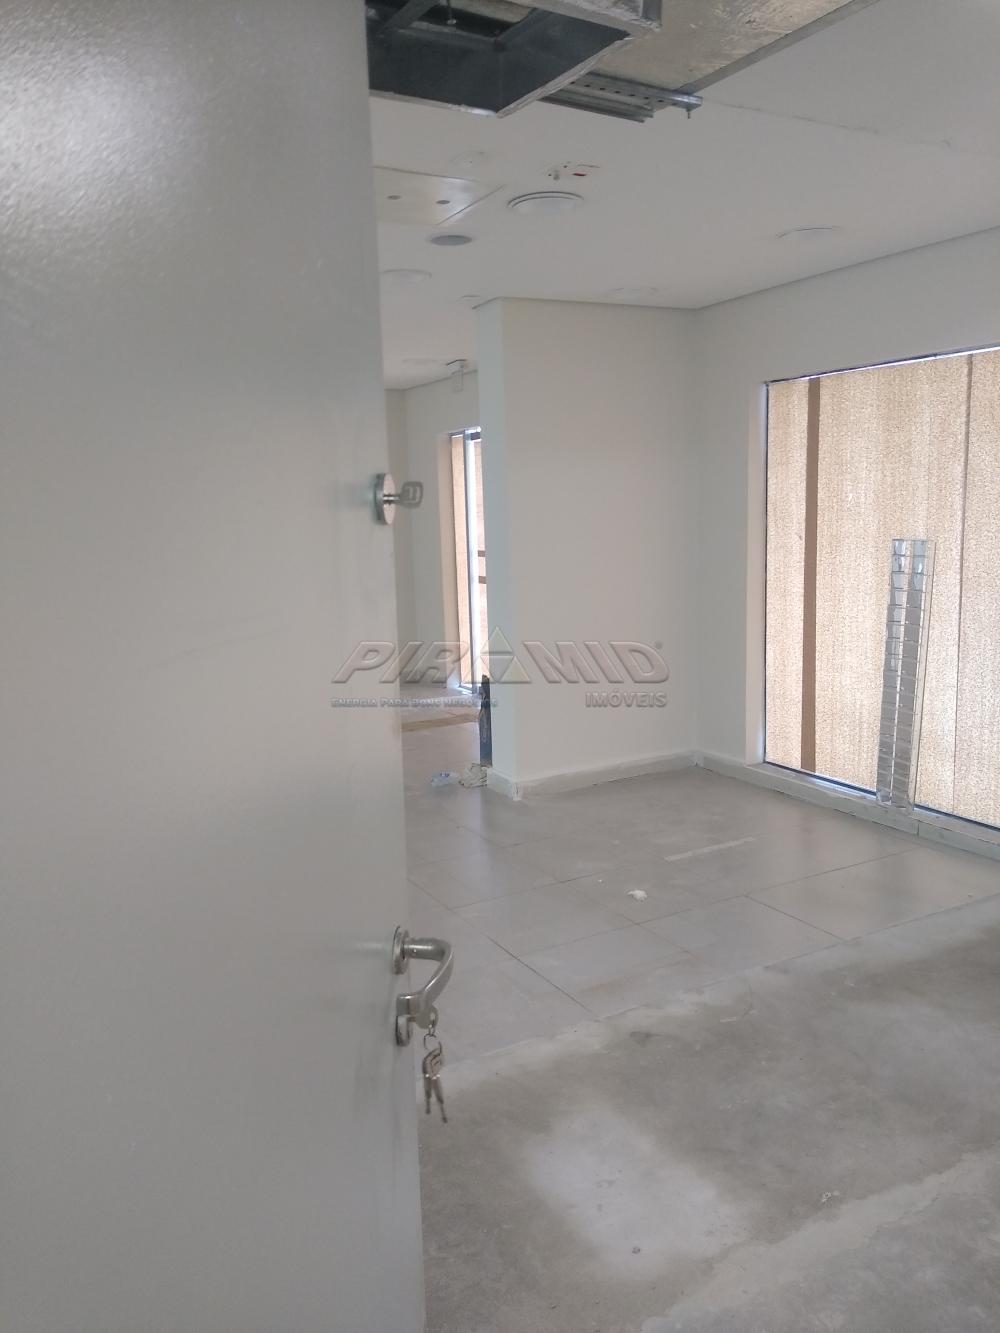 Alugar Comercial / Prédio em Ribeirão Preto apenas R$ 16.000,00 - Foto 84